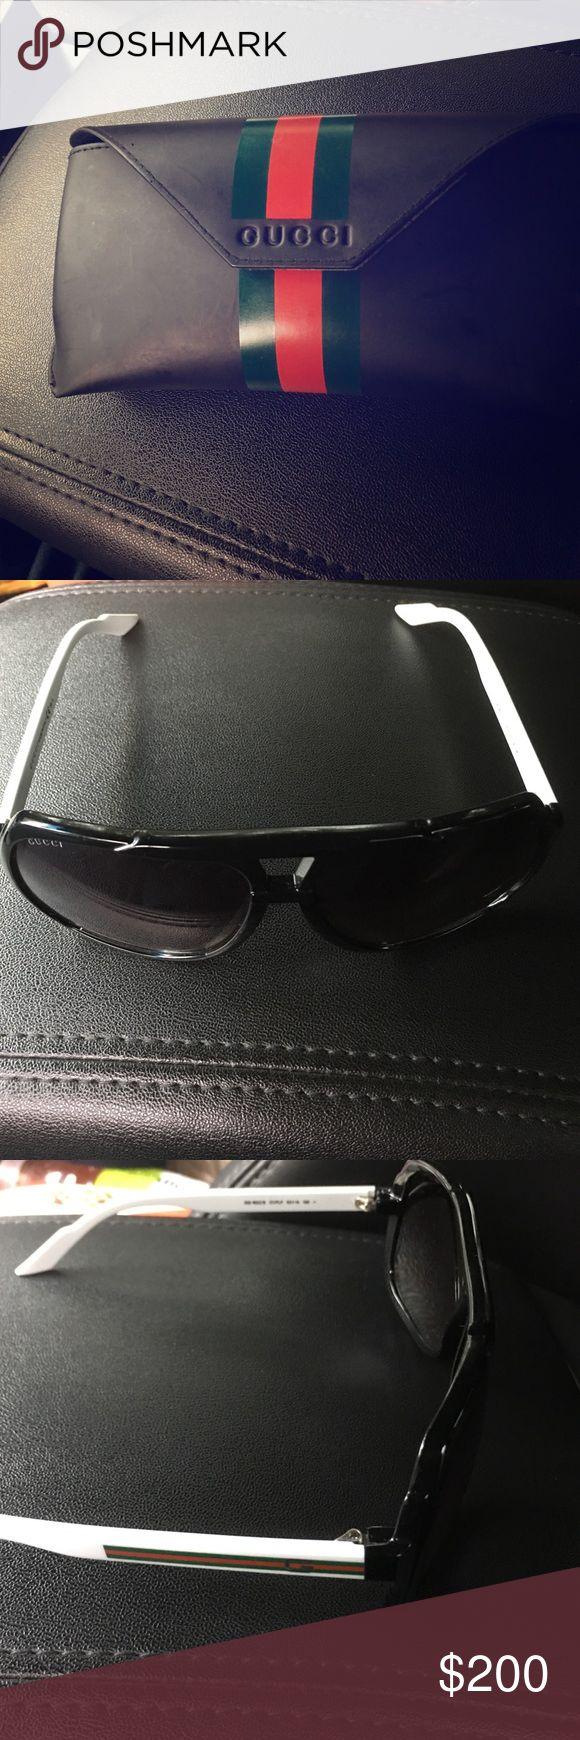 Gucci glasses Gucci glasses good condition unisex Gucci Accessories Glasses